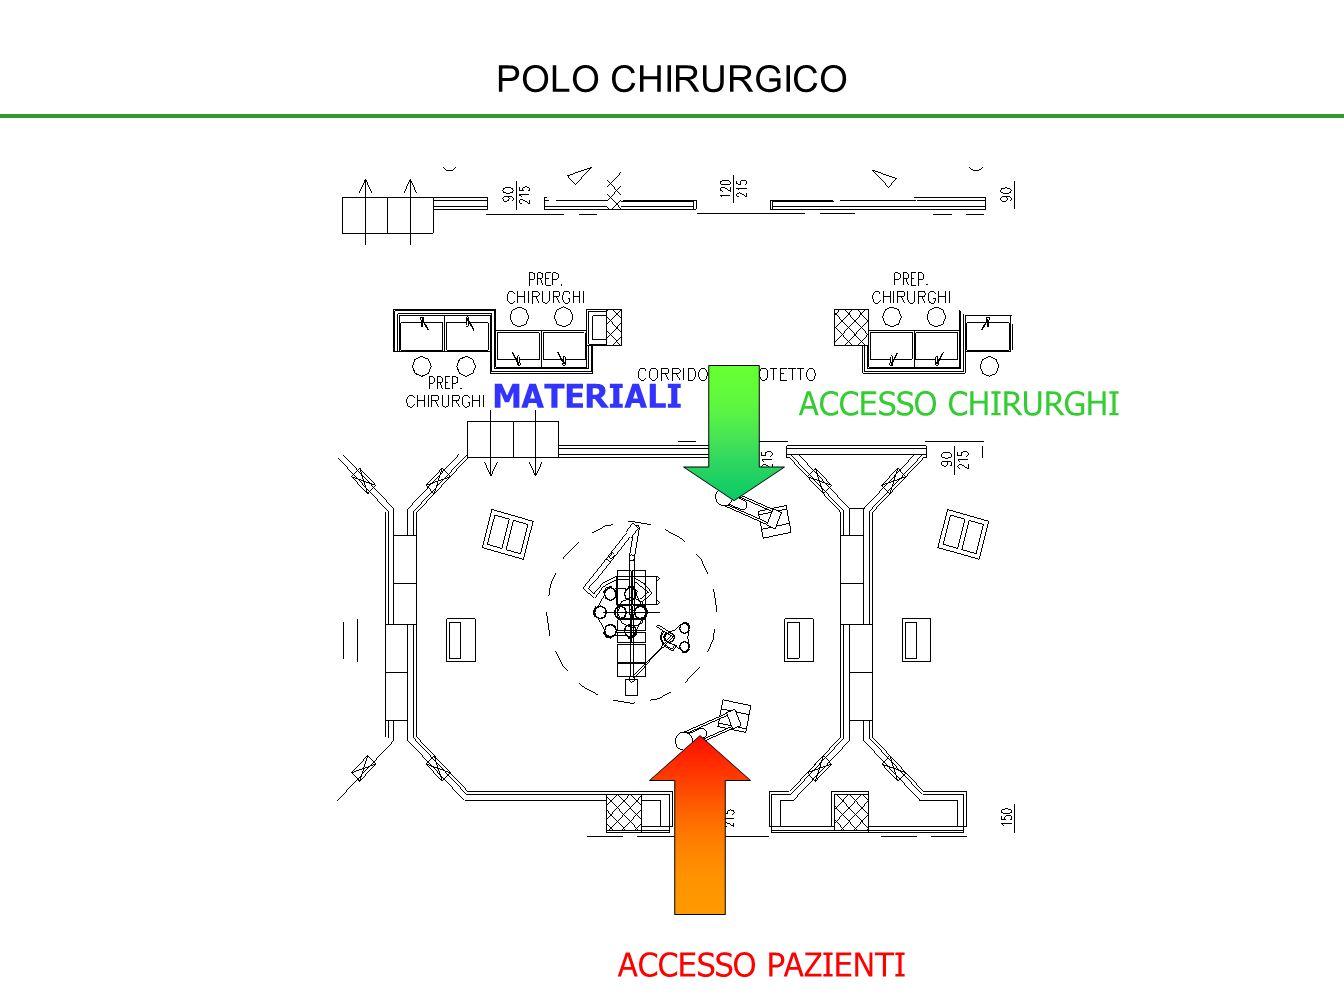 POLO CHIRURGICO MATERIALI ACCESSO CHIRURGHI ACCESSO PAZIENTI